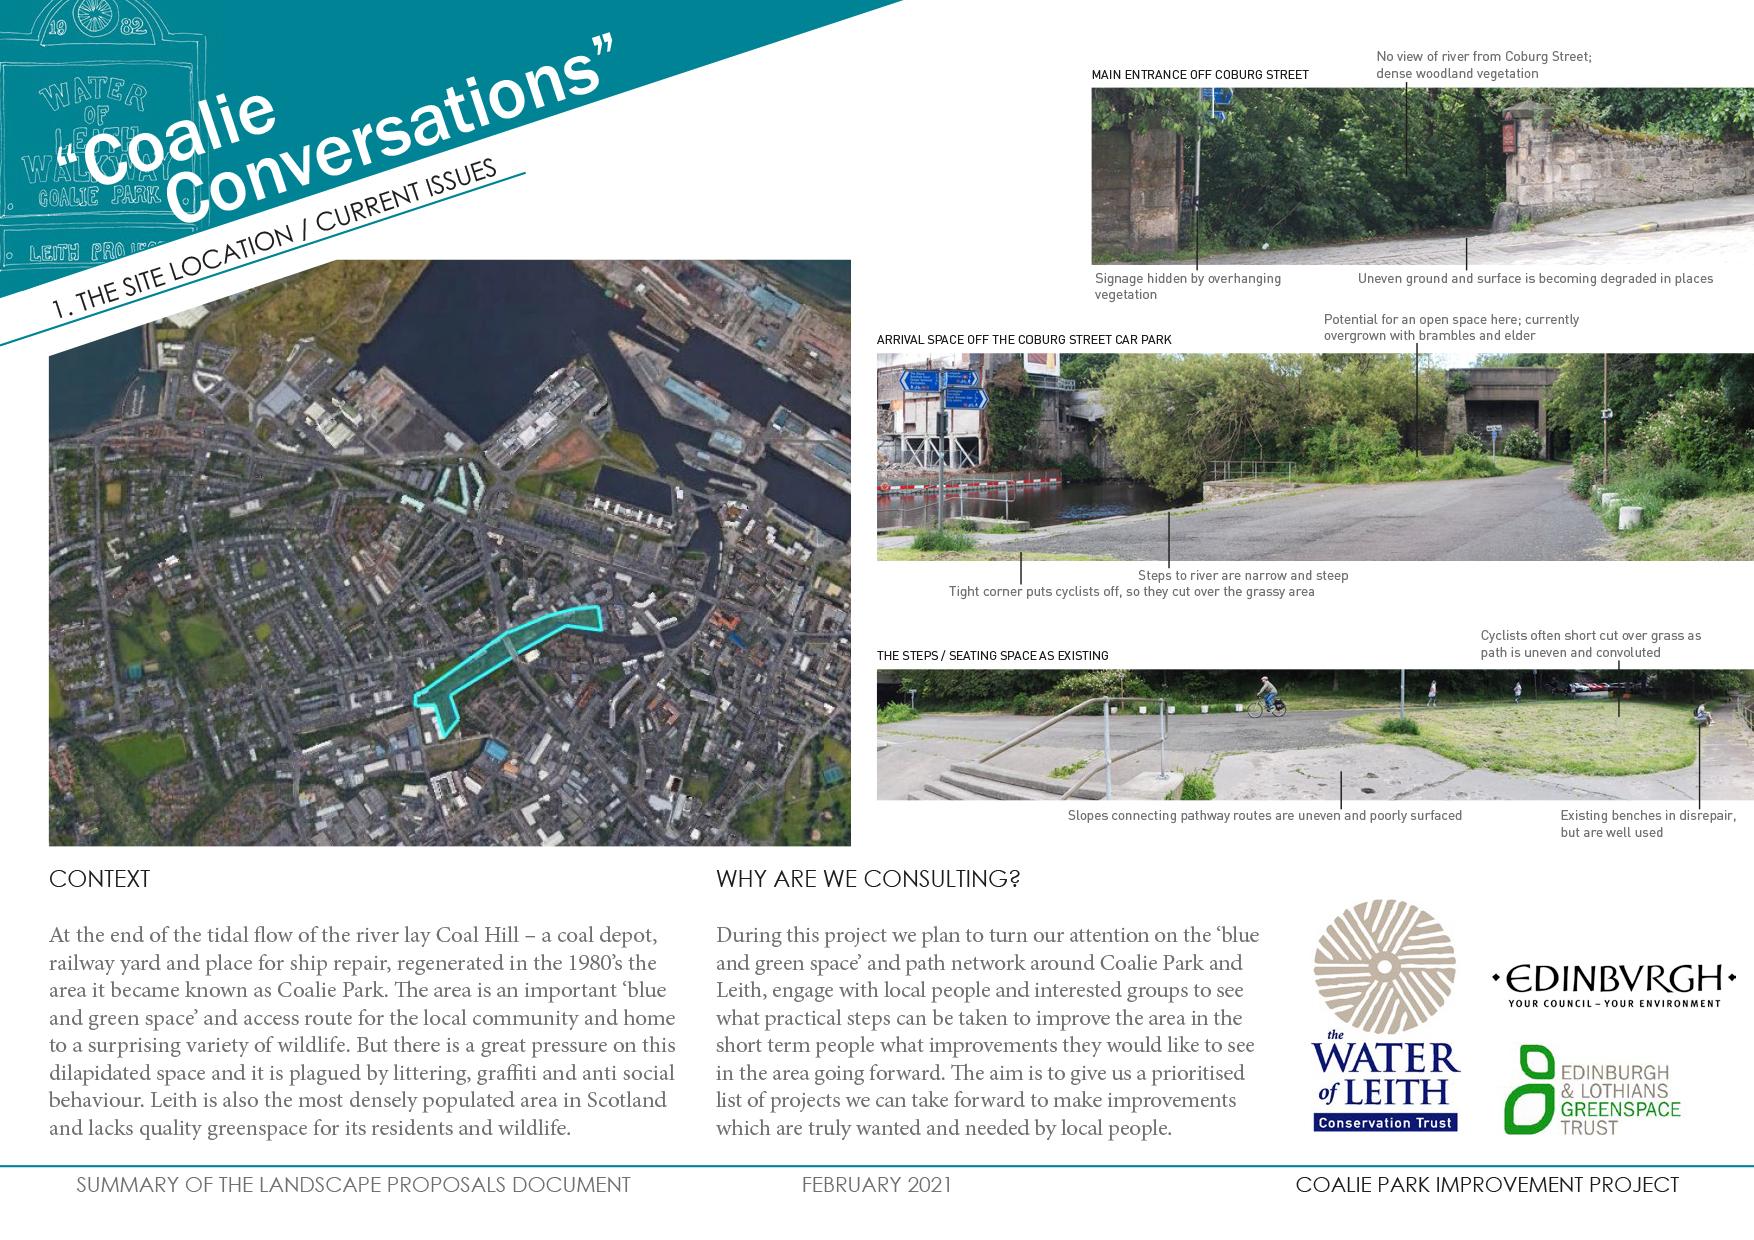 PDF about Coallie Conversations, showing landscaping proposals etc